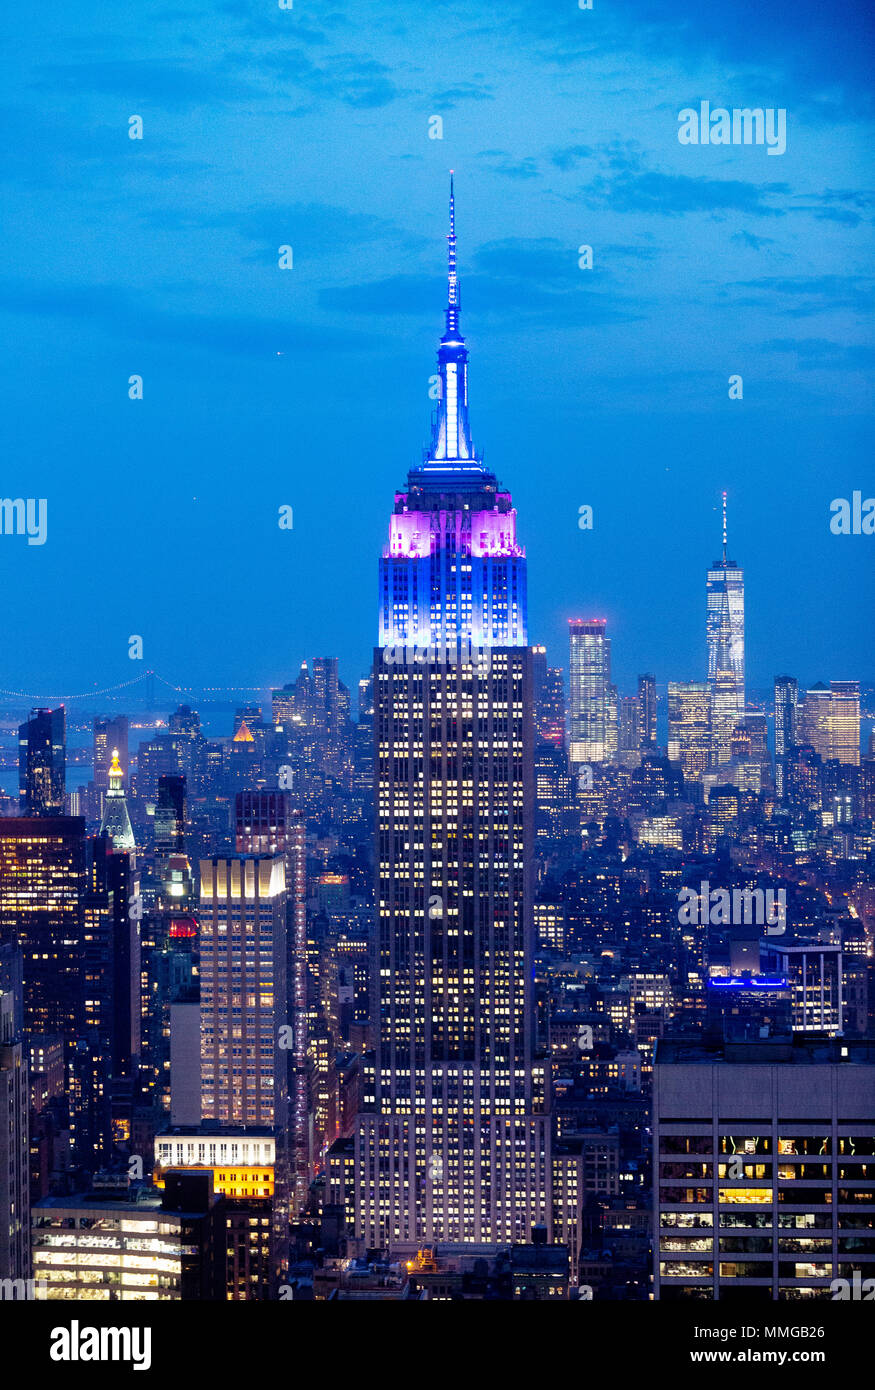 Empire State Building et New York skyline at Dusk, vu du haut de la roche plate-forme panoramique, Manhattan, New York City, États-Unis d'Amérique Banque D'Images